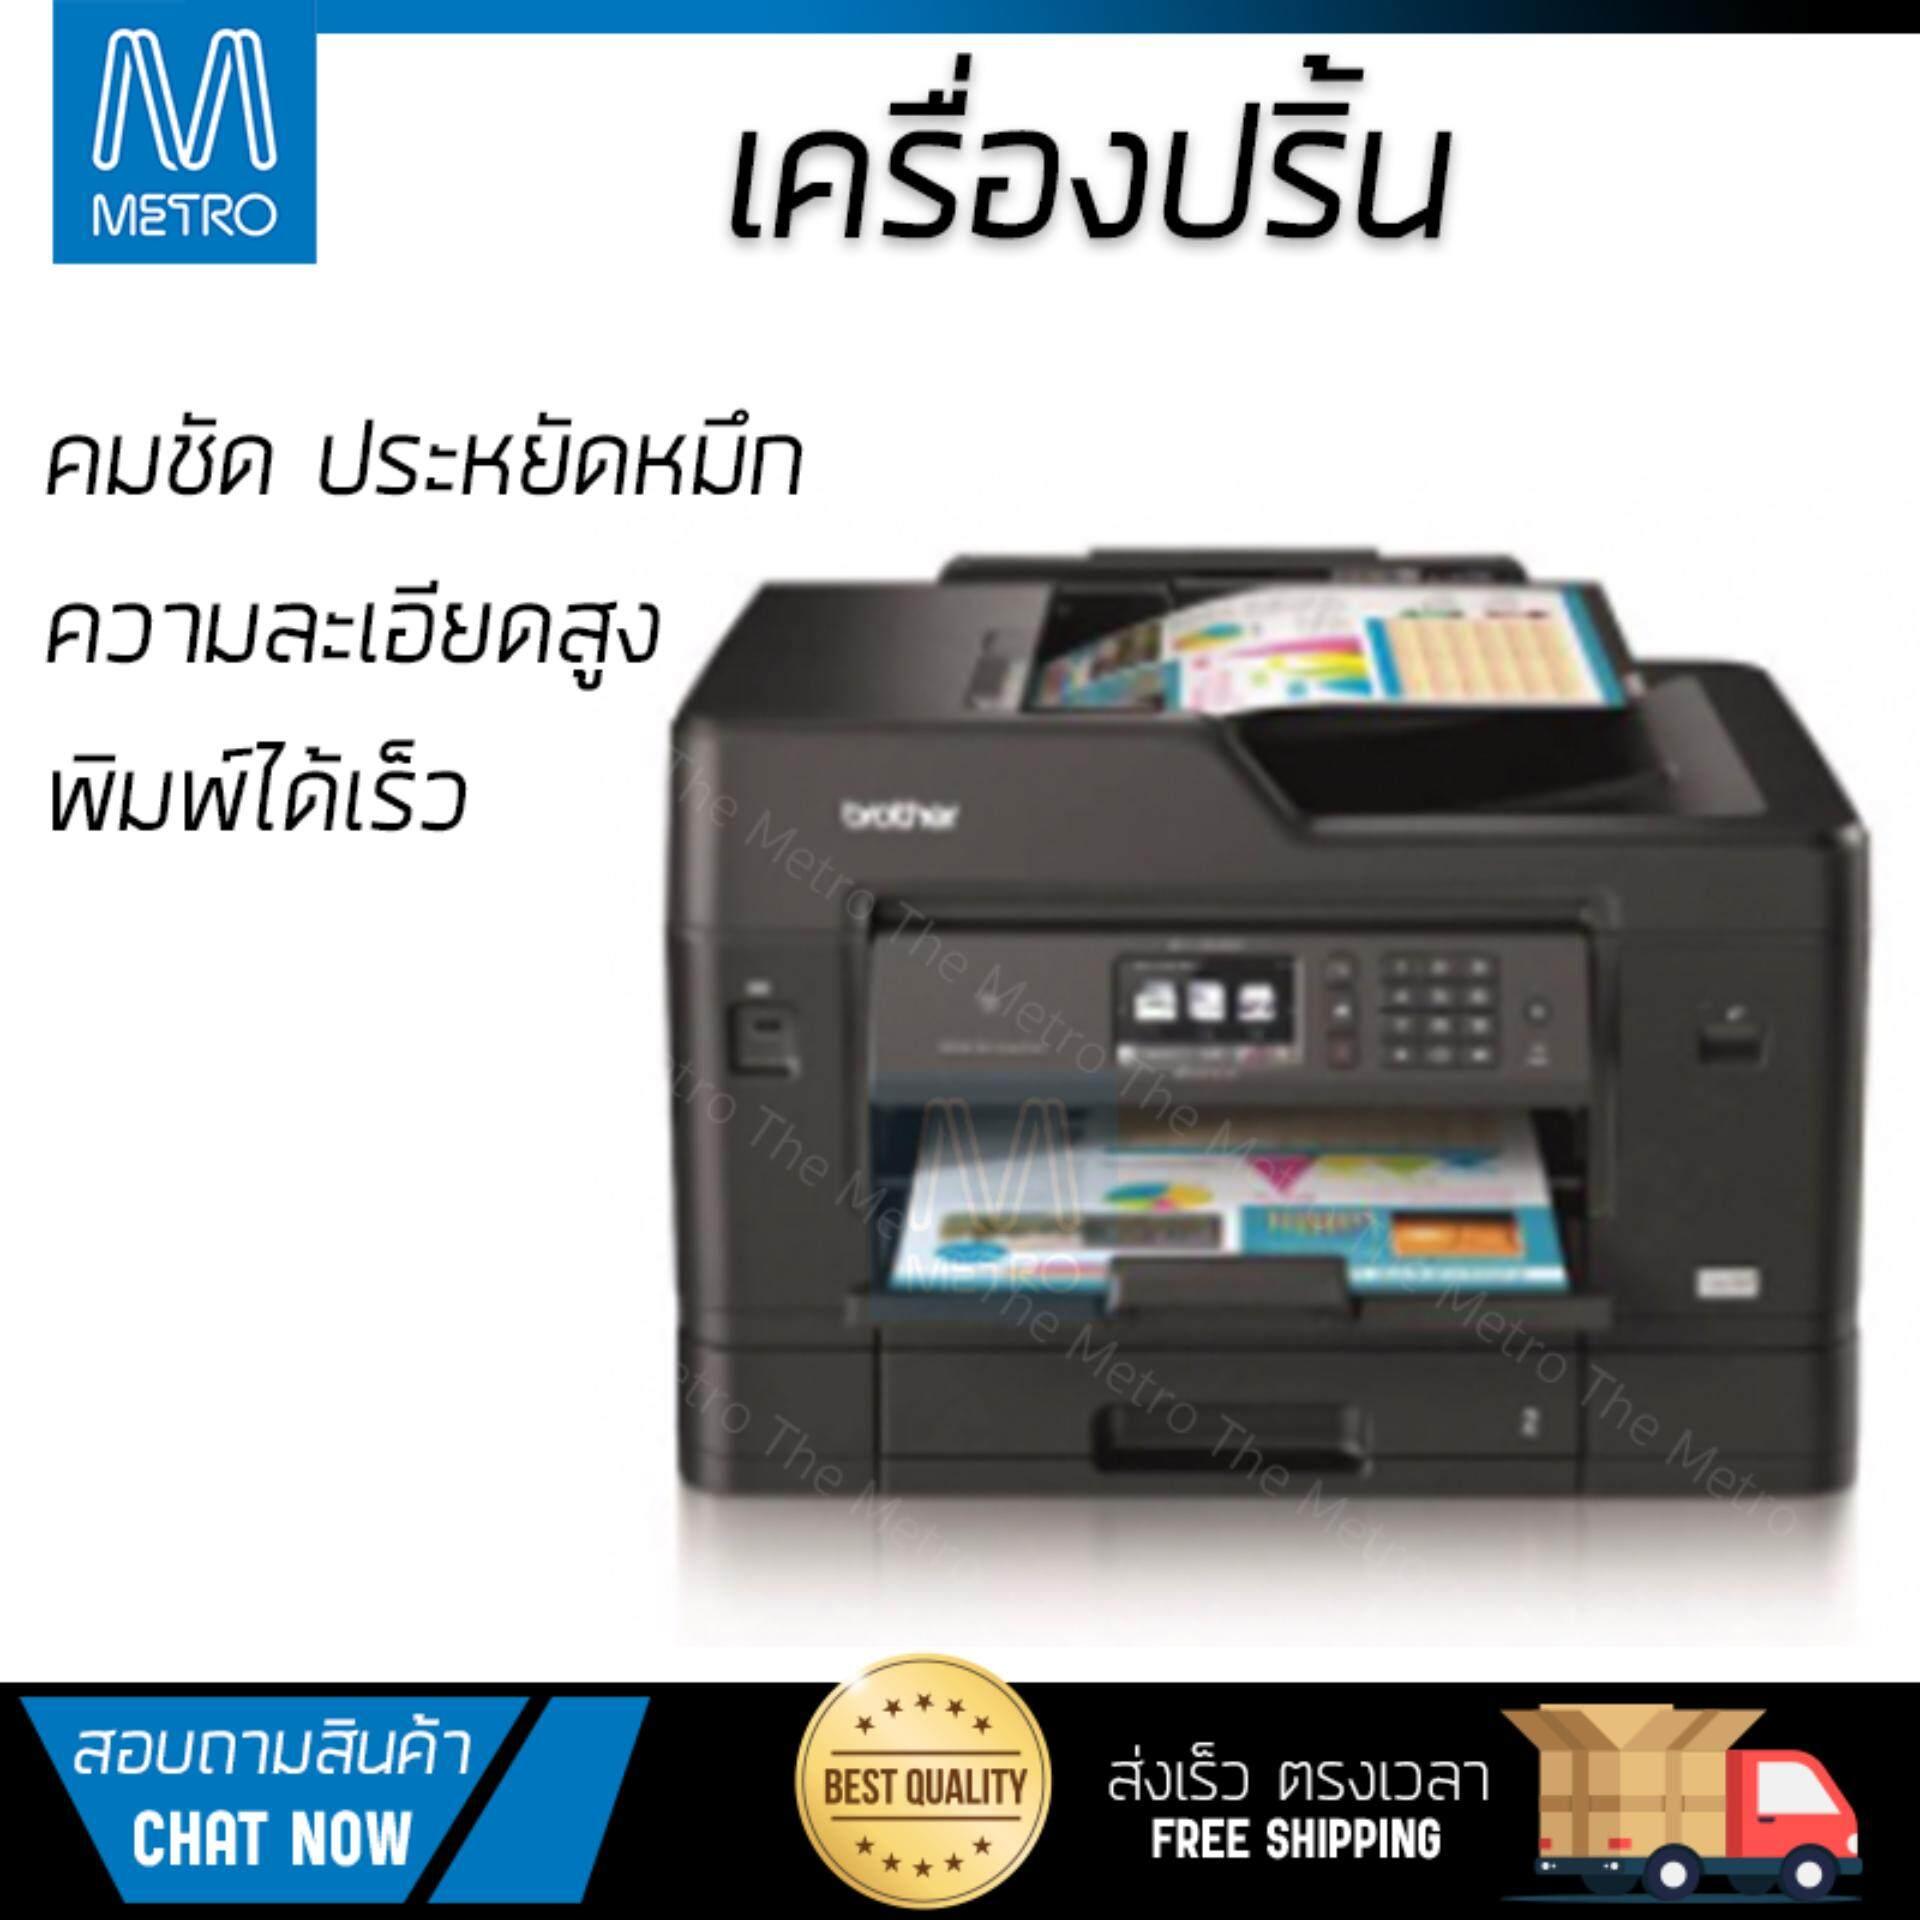 สุดยอดสินค้า!! โปรโมชัน เครื่องพิมพ์           BROTHER เครื่องพิมพ์อเนกประสงค์ 6IN1 รุ่น MFC-J3930DW             ความละเอียดสูง คมชัด ประหยัดหมึก เครื่องปริ้น เครื่องปริ้นท์ All in one Printer รับประก